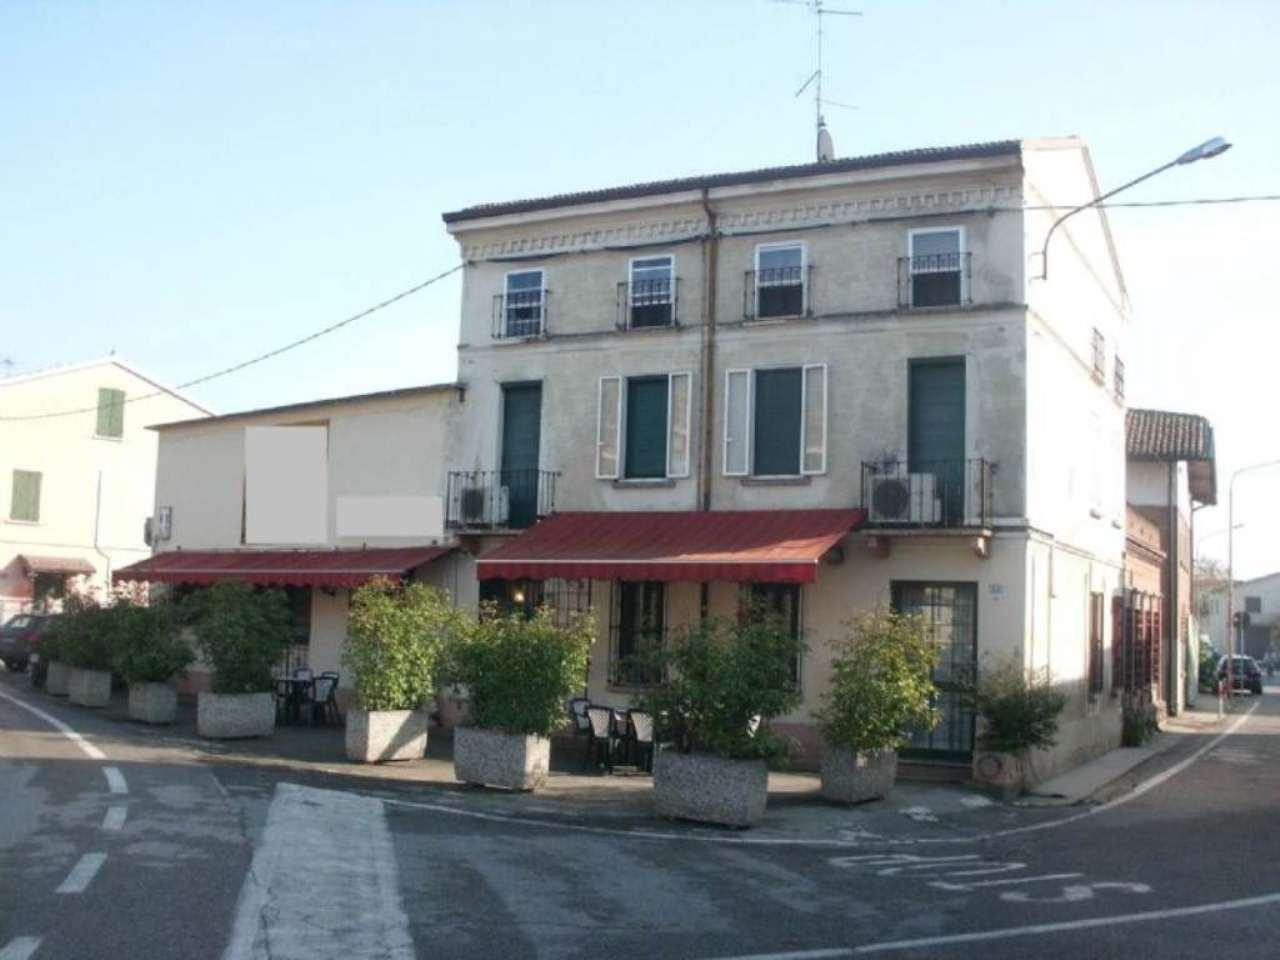 Ristorante / Pizzeria / Trattoria in vendita a Quistello, 6 locali, prezzo € 150.000 | Cambio Casa.it